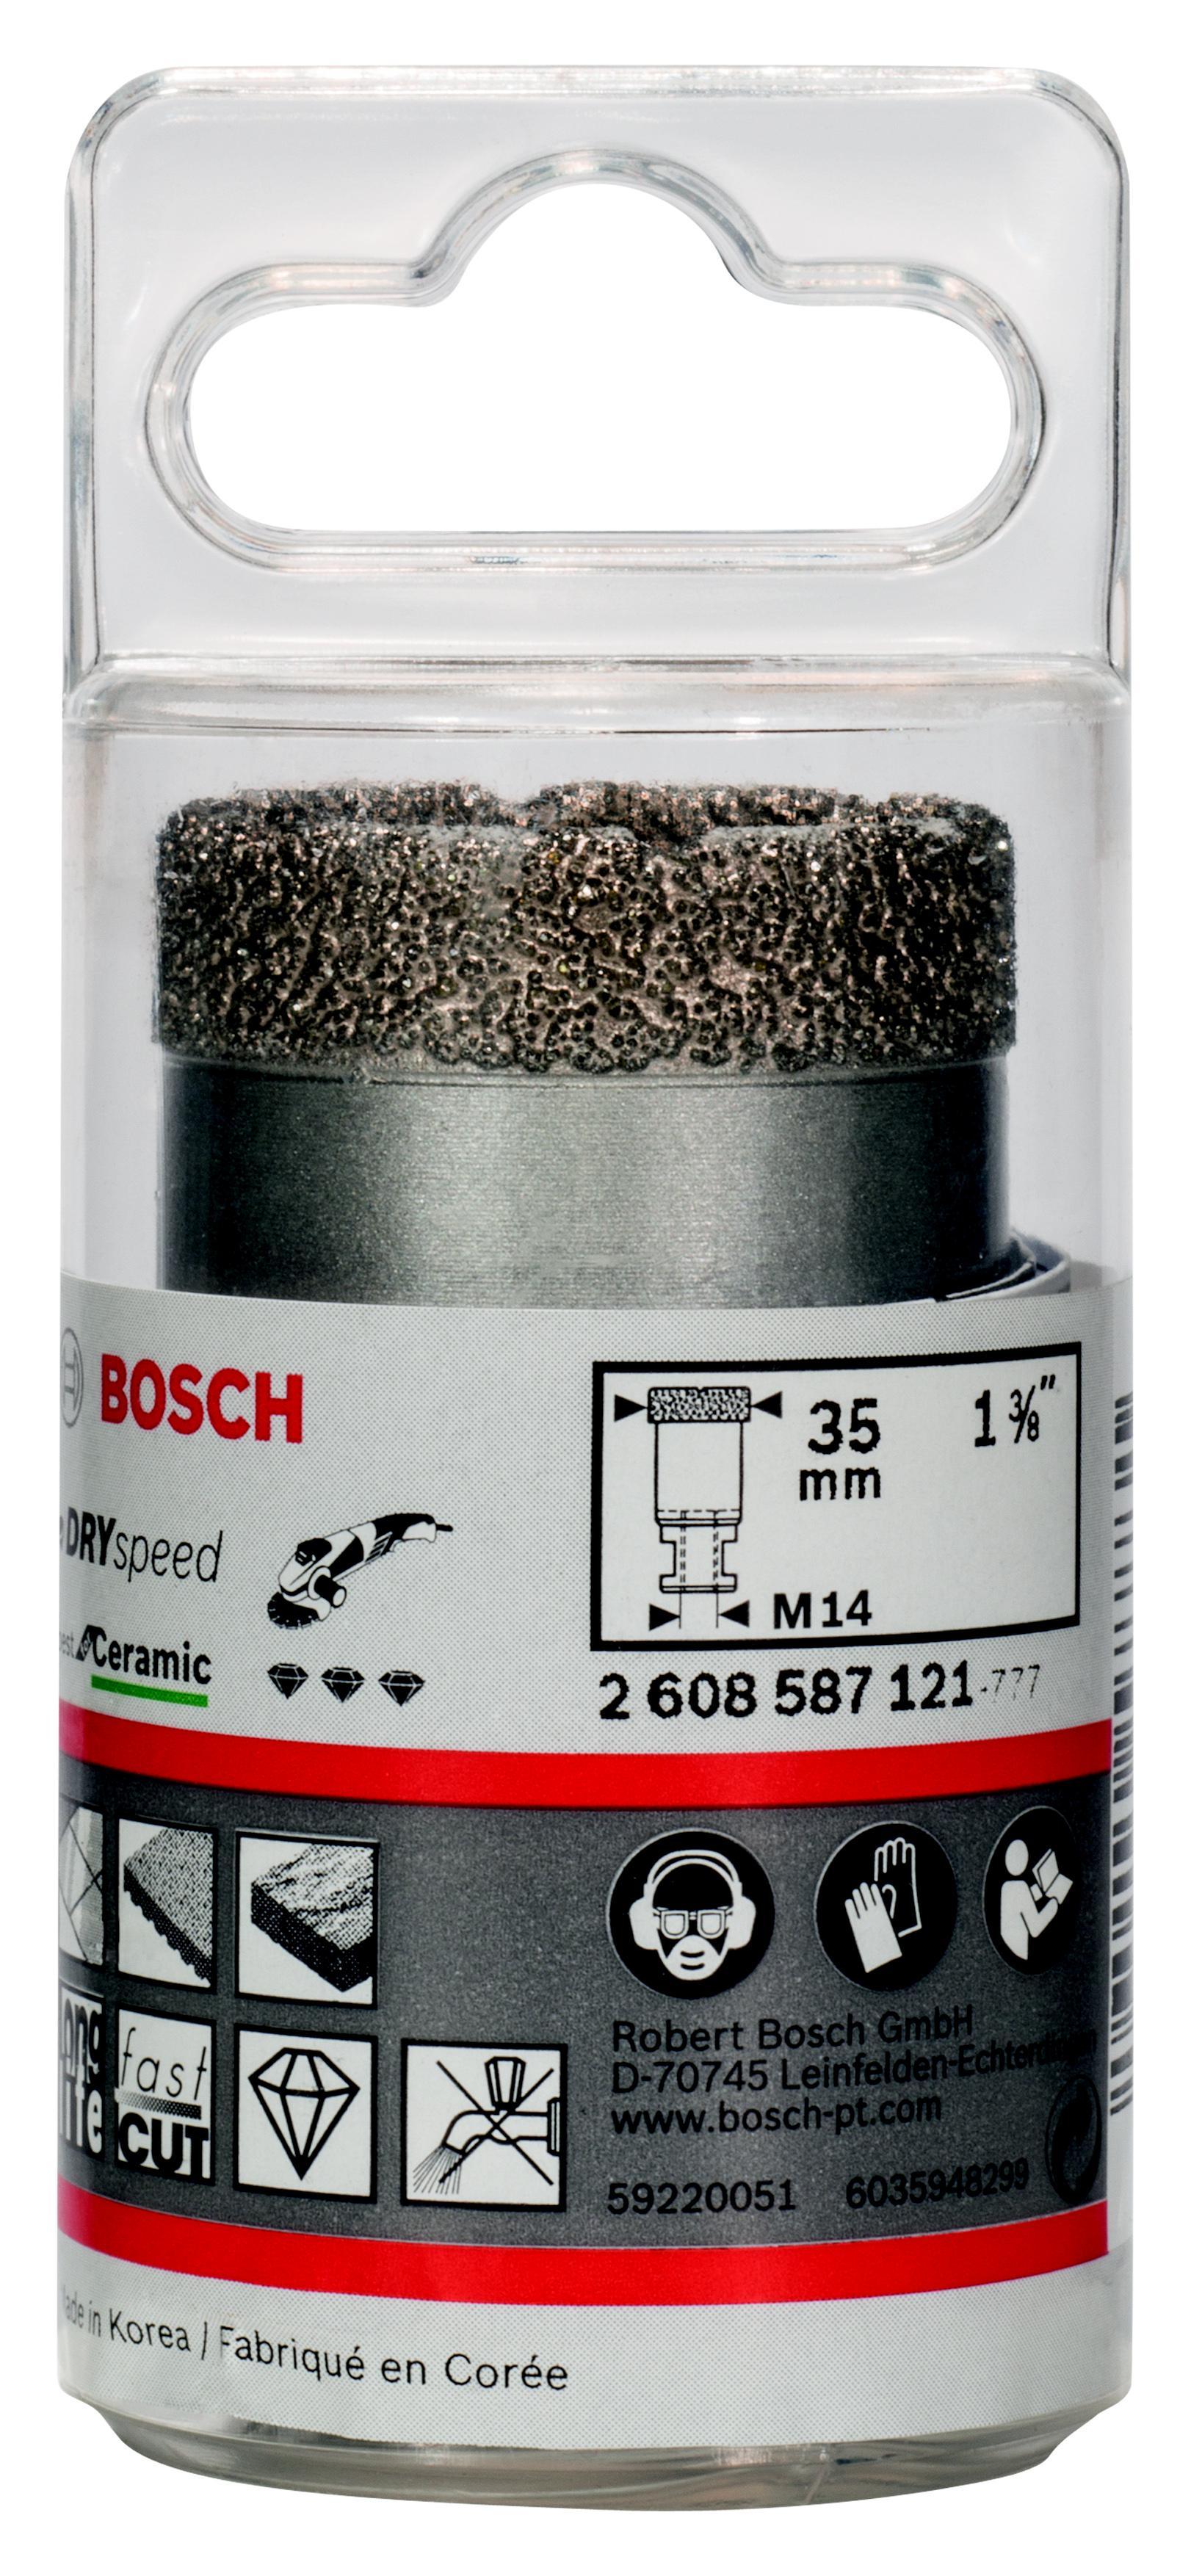 Коронка алмазная Bosch Dry speed 35мм (2.608.587.121) фен bosch starshine dry